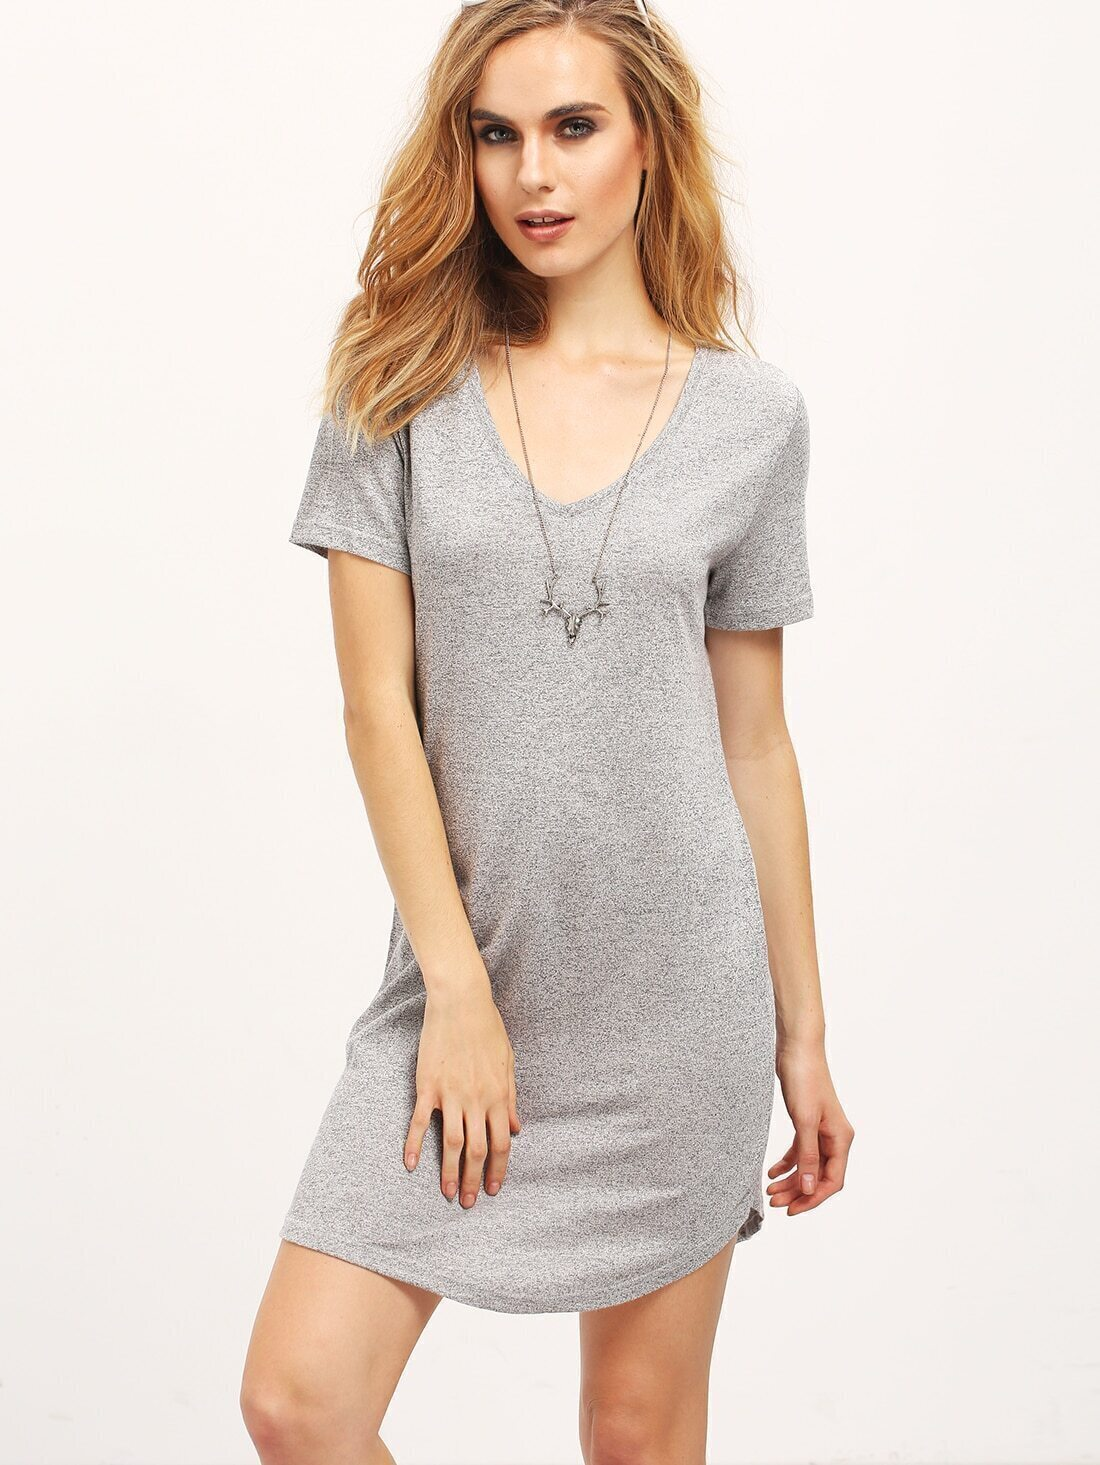 Grey Scoop Neck Tshirt Dress